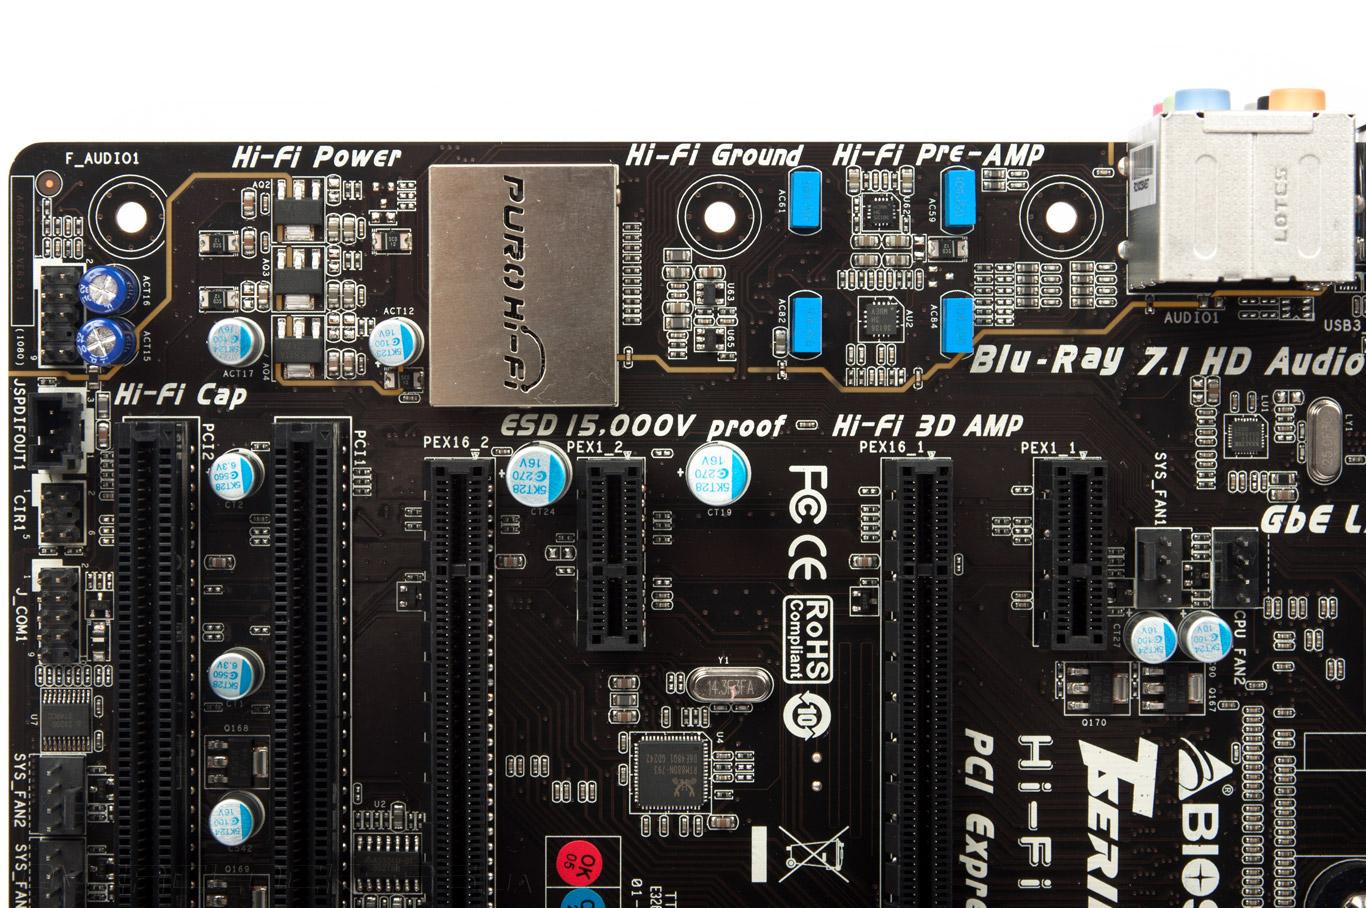 Biostar Hi-Fi A88W 3D Ver. 5.1 Windows 8